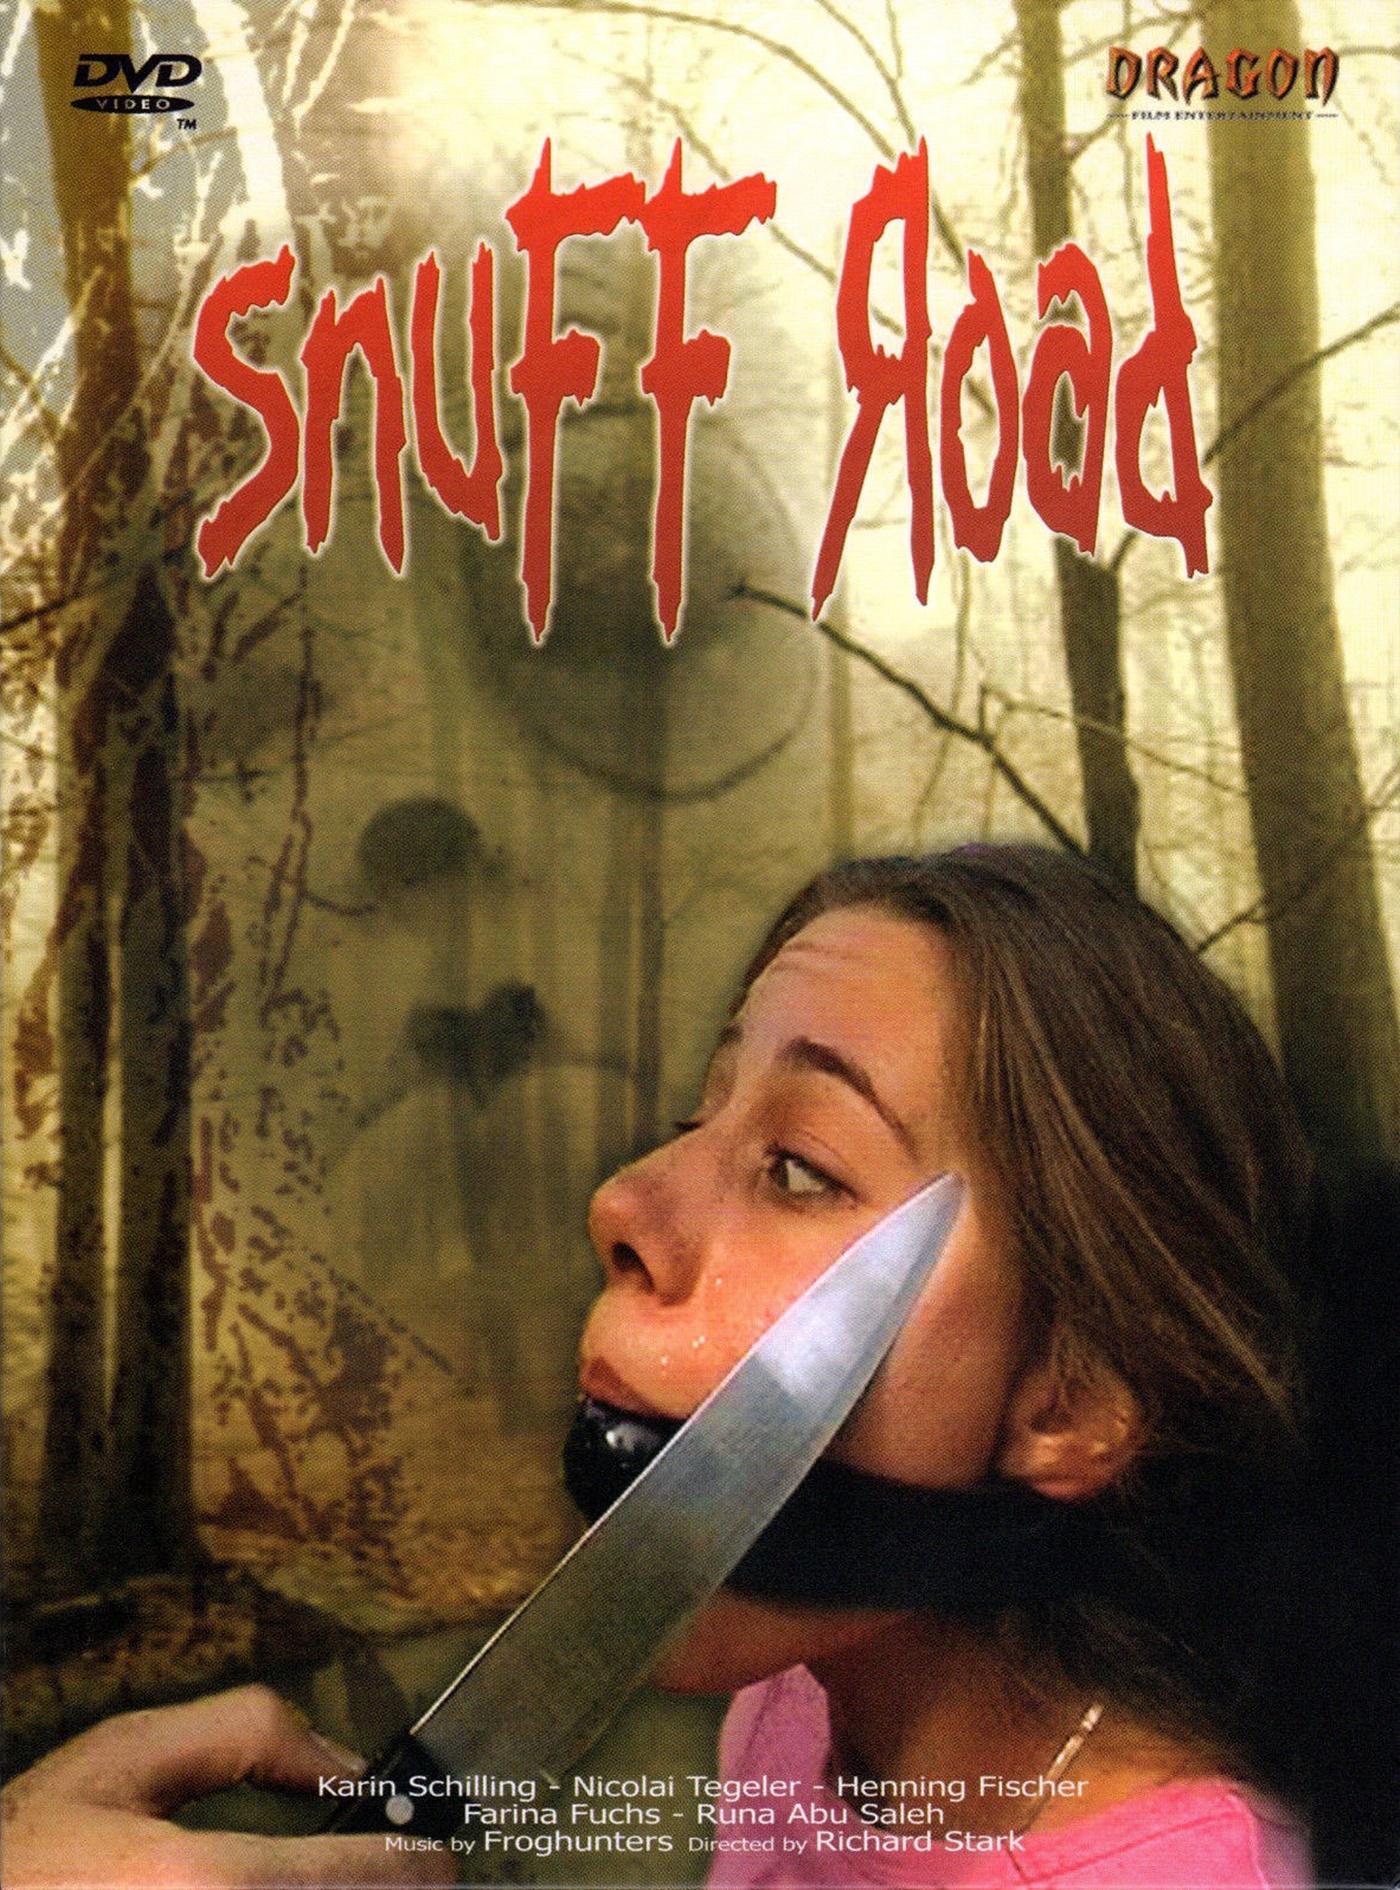 Snuff Road (2003)